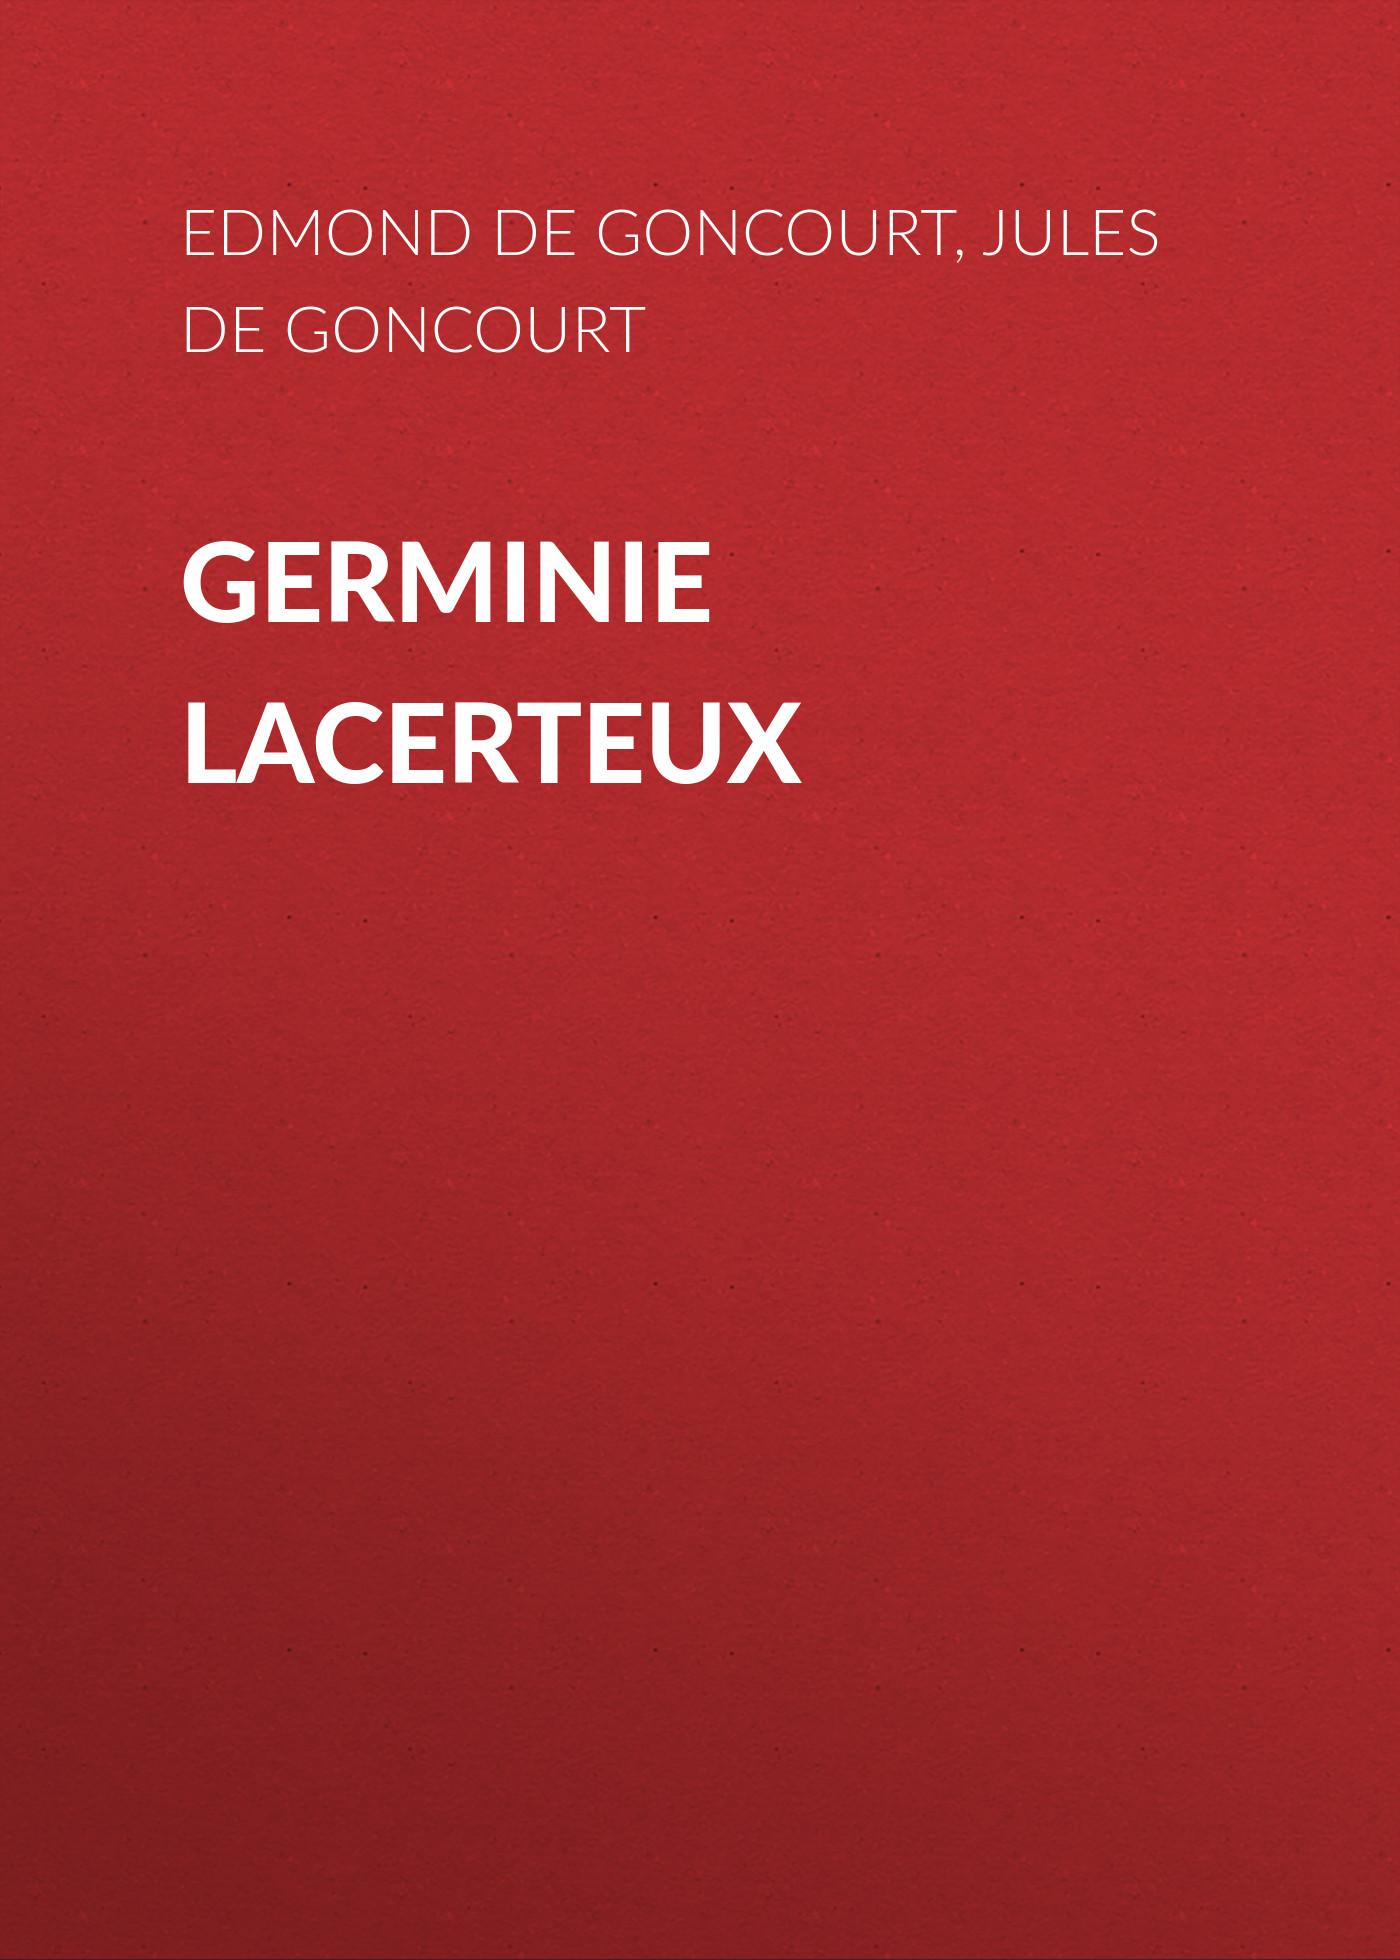 лучшая цена Edmond de Goncourt Germinie Lacerteux